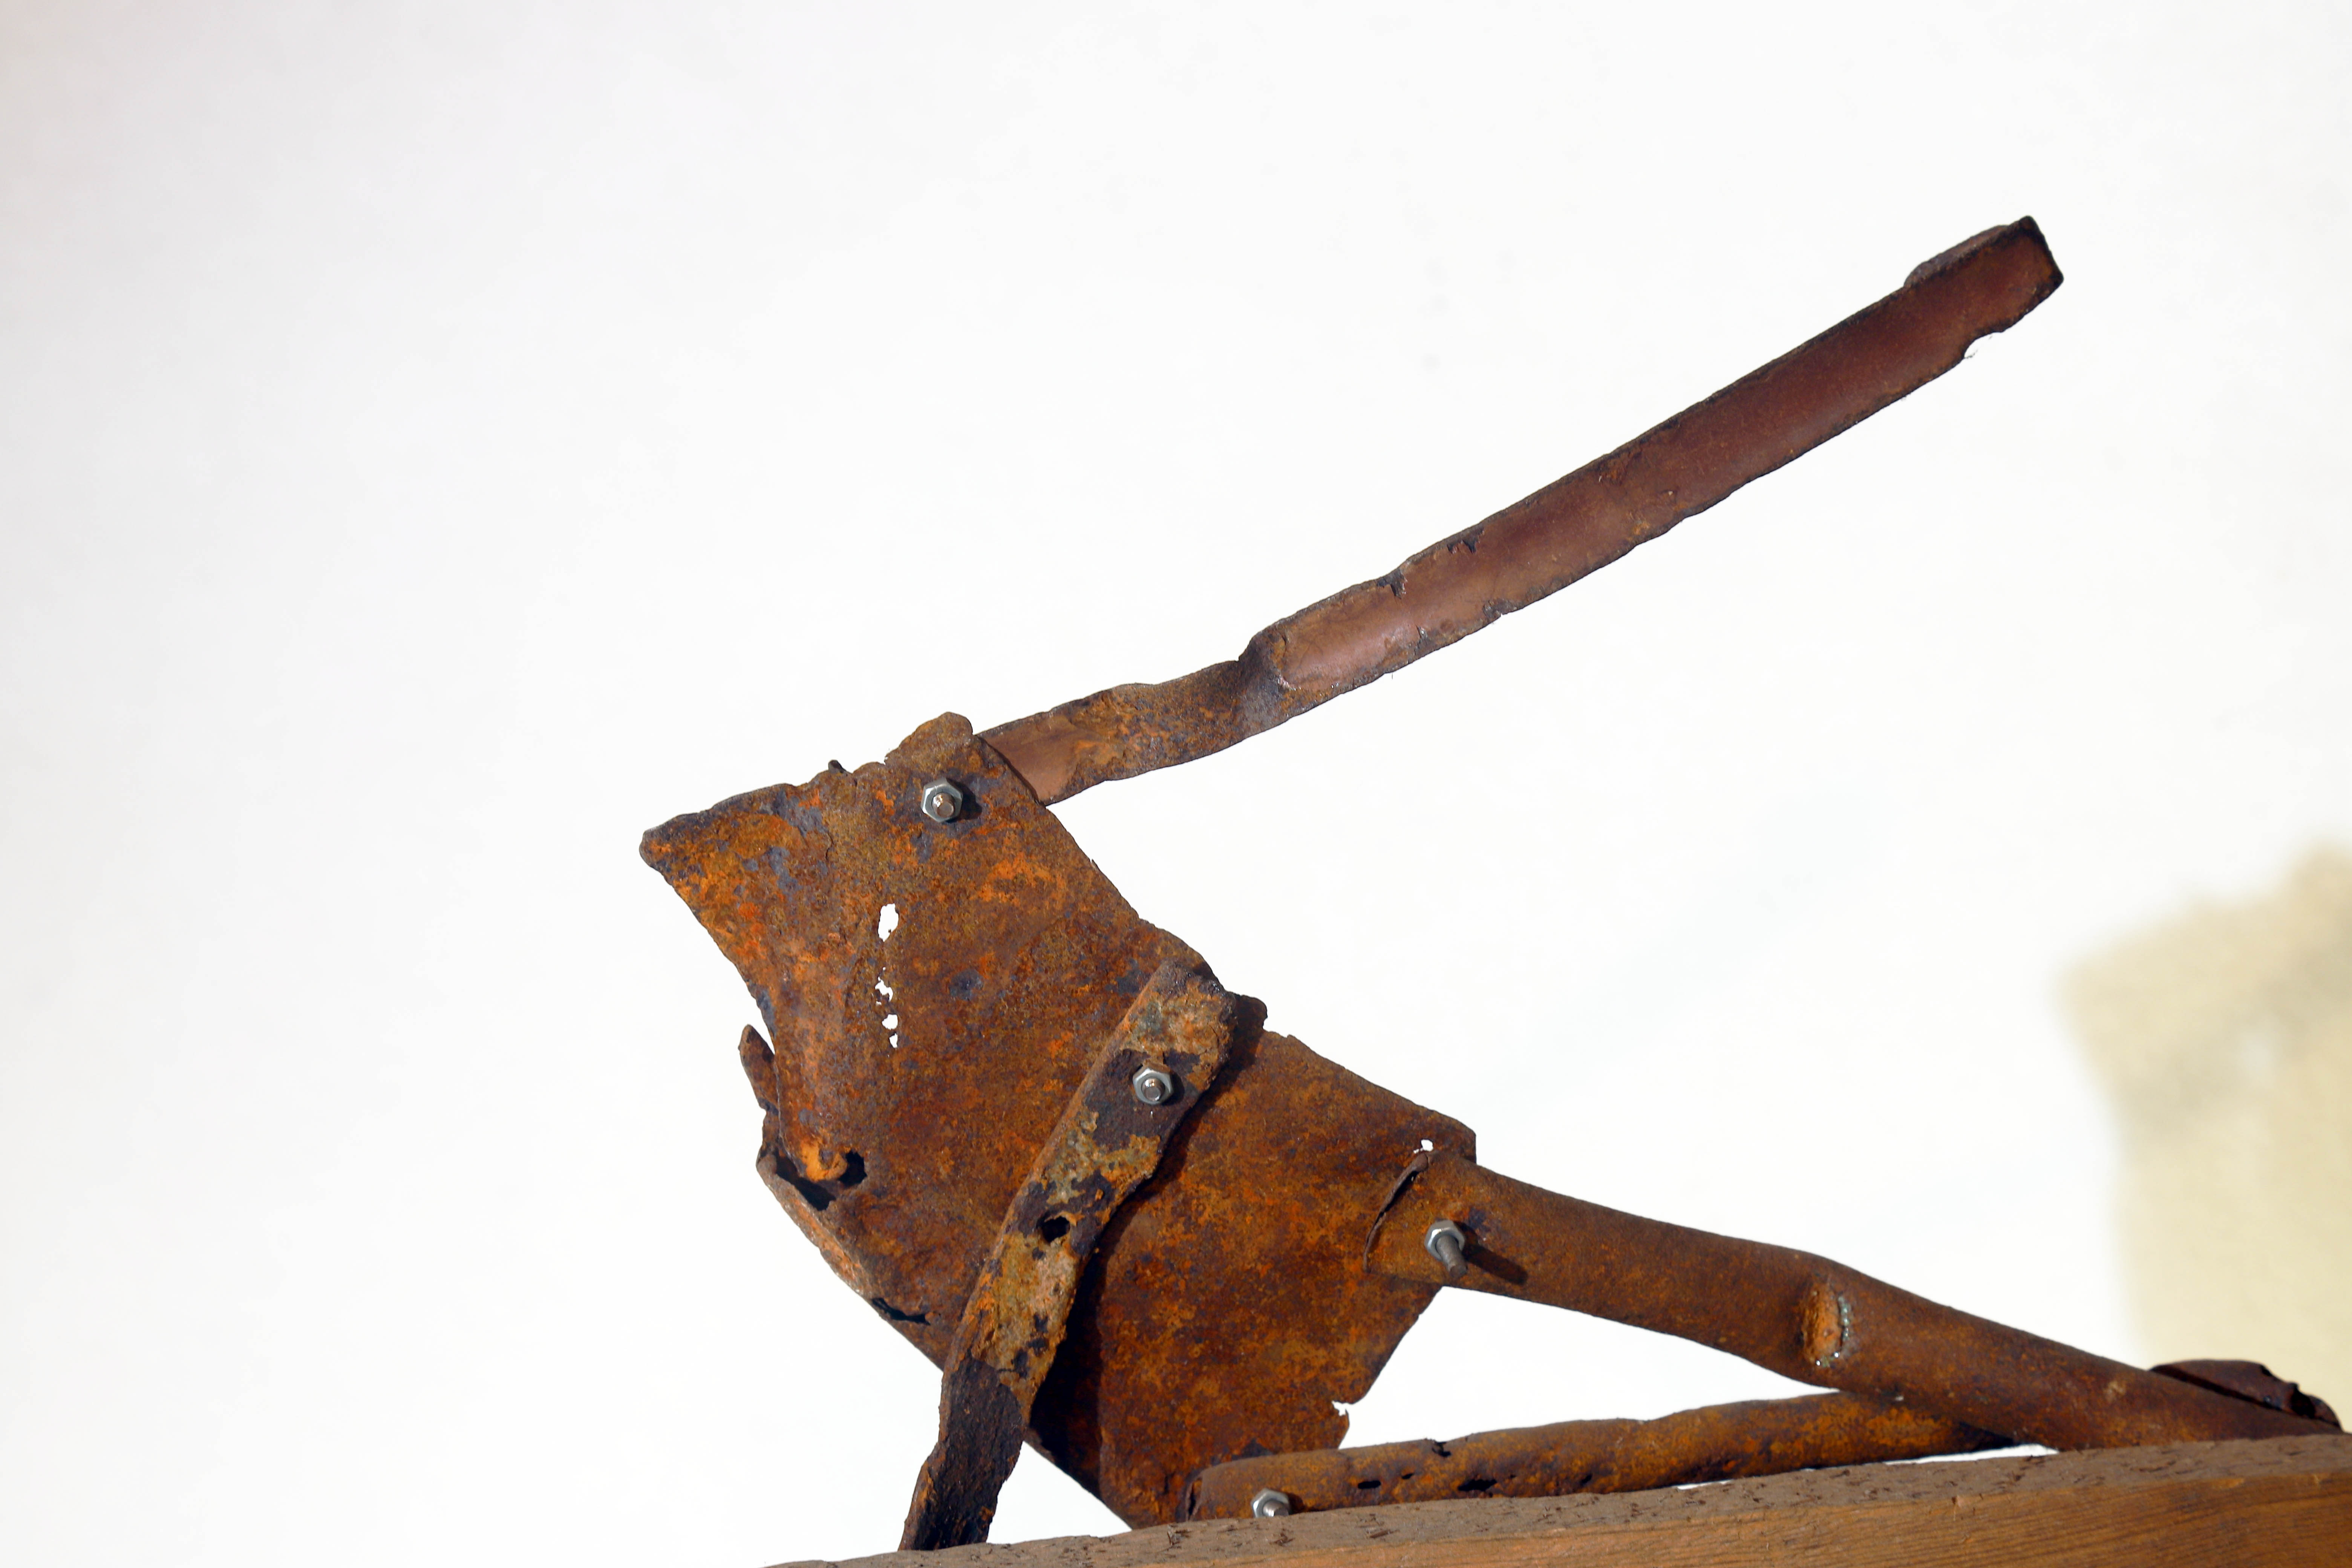 Antonio Panzuto - sculture Ruggini - Figura danzante 9 - Rusty sculpture Dancing figure